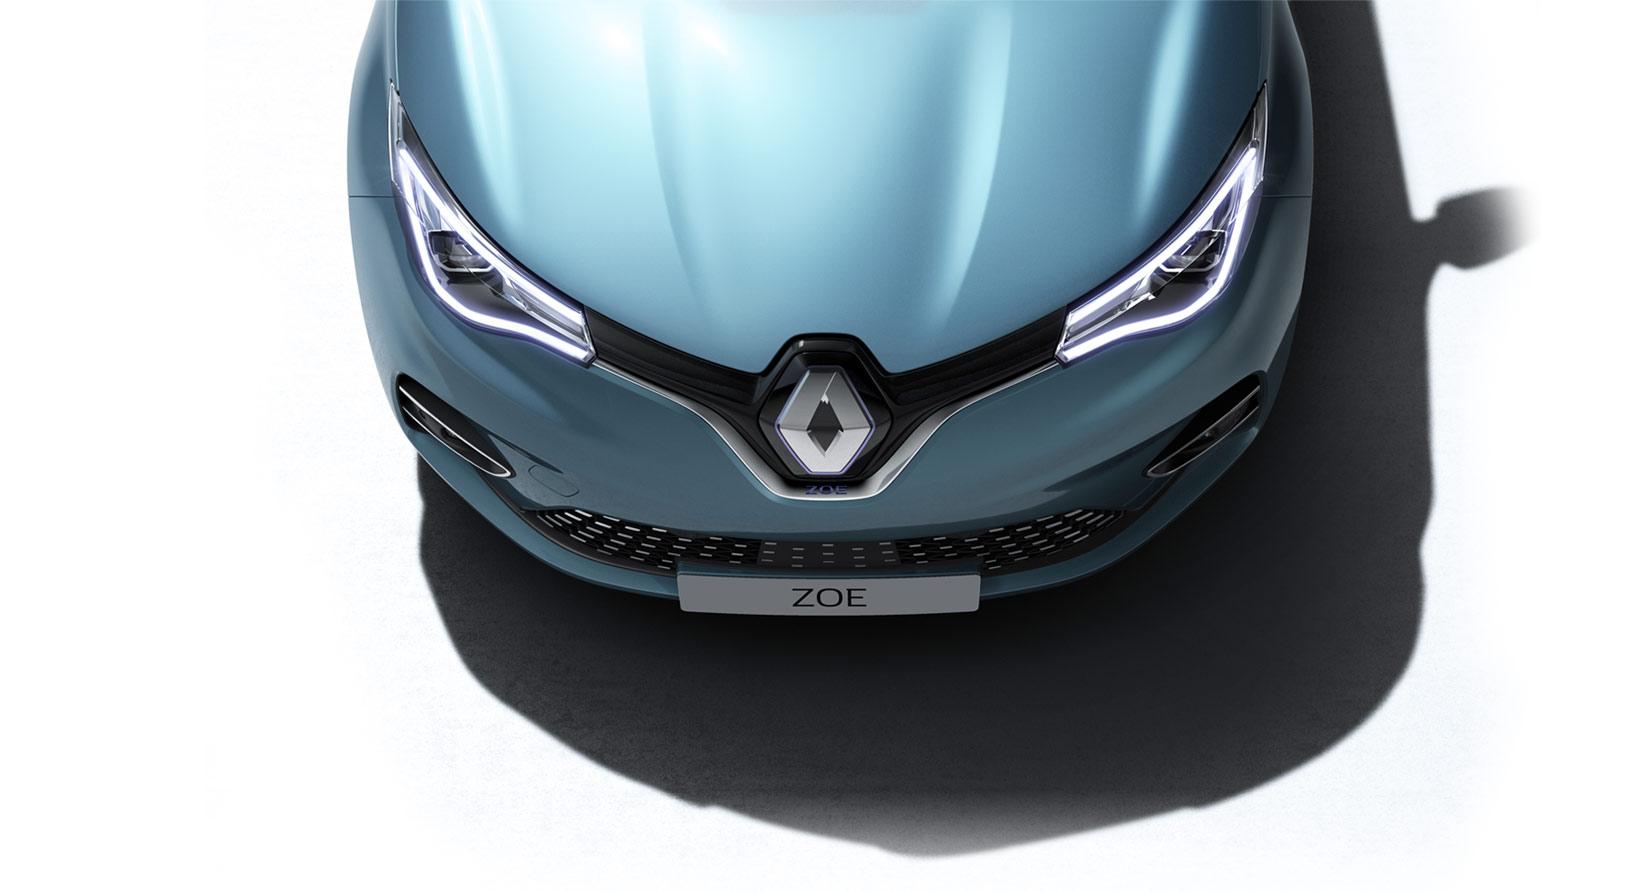 Bilde av nye Renault ZOE sett ovenifra